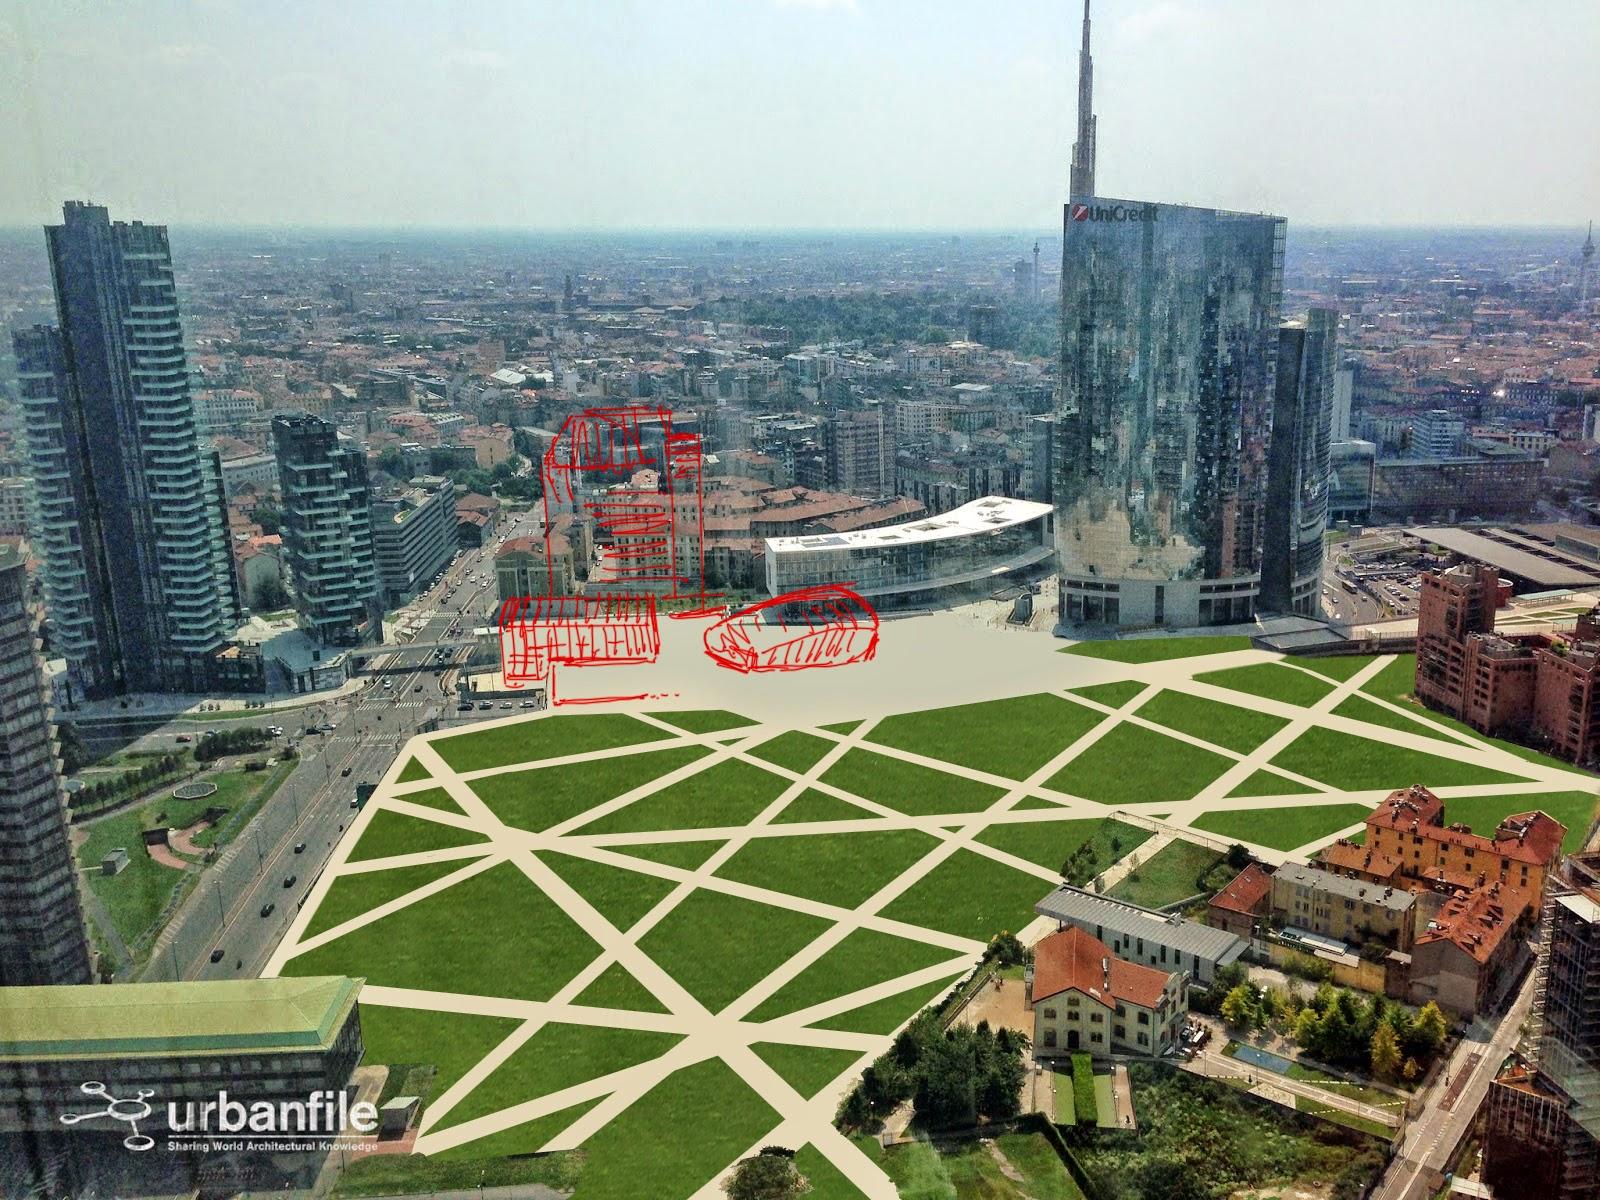 Milano porta nuova il parco di porta nuova urbanfile - Via porta nuova milano ...